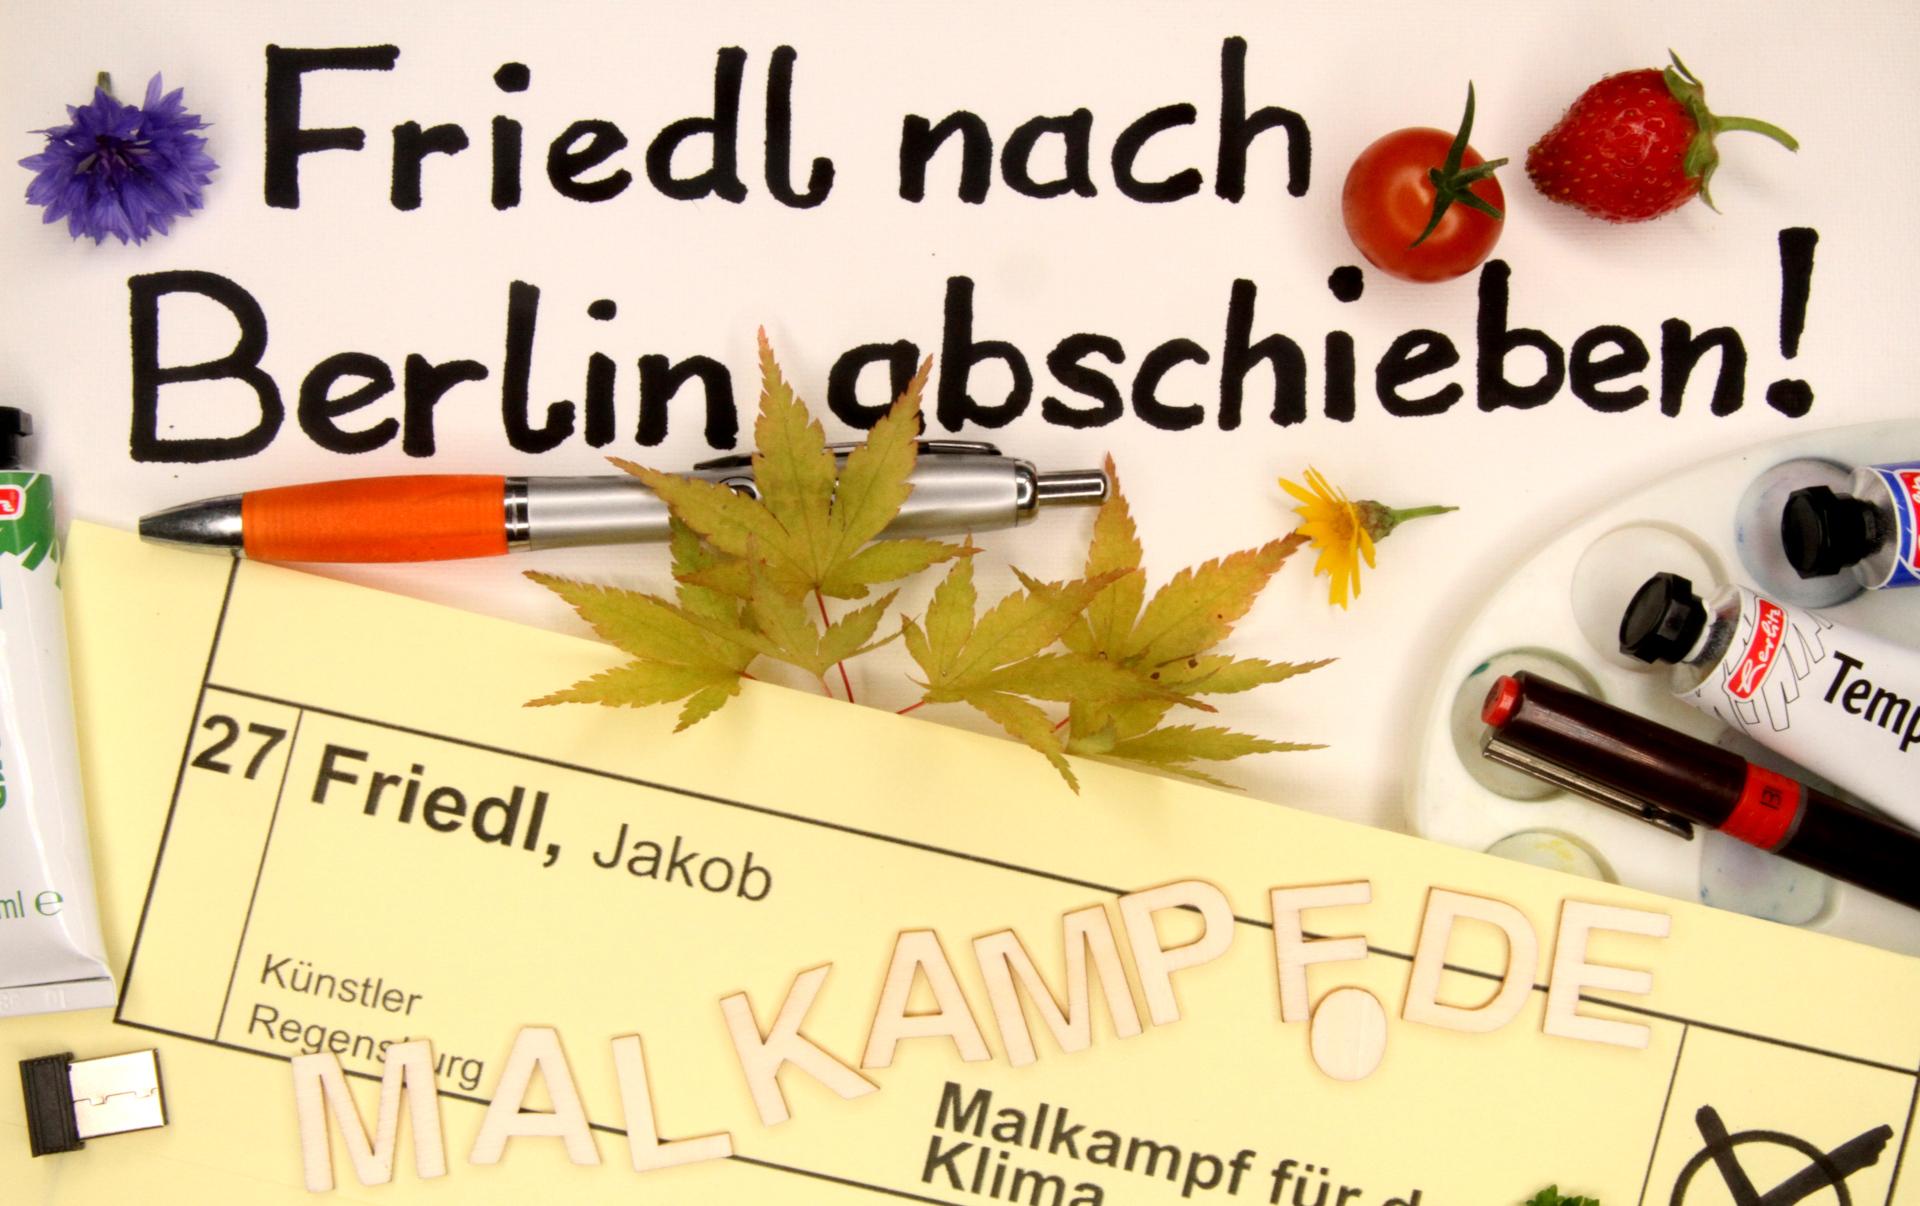 Friedl nach Berlin abschieben - Direktkandidat Bundestag 2021 Regensburg